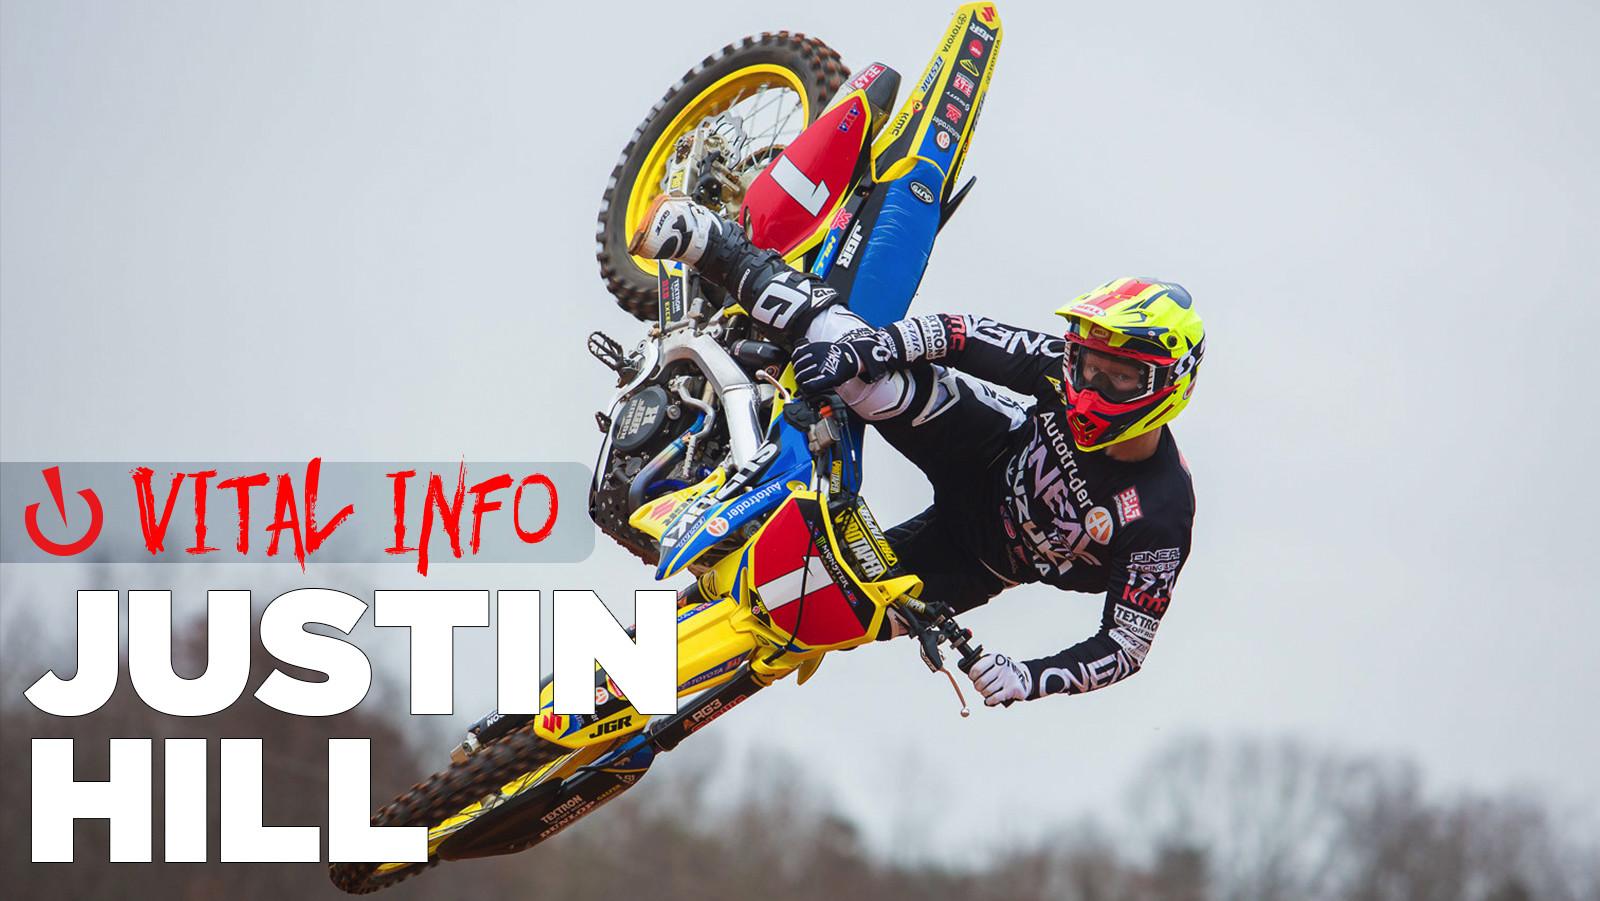 Vital Info: Justin Hill